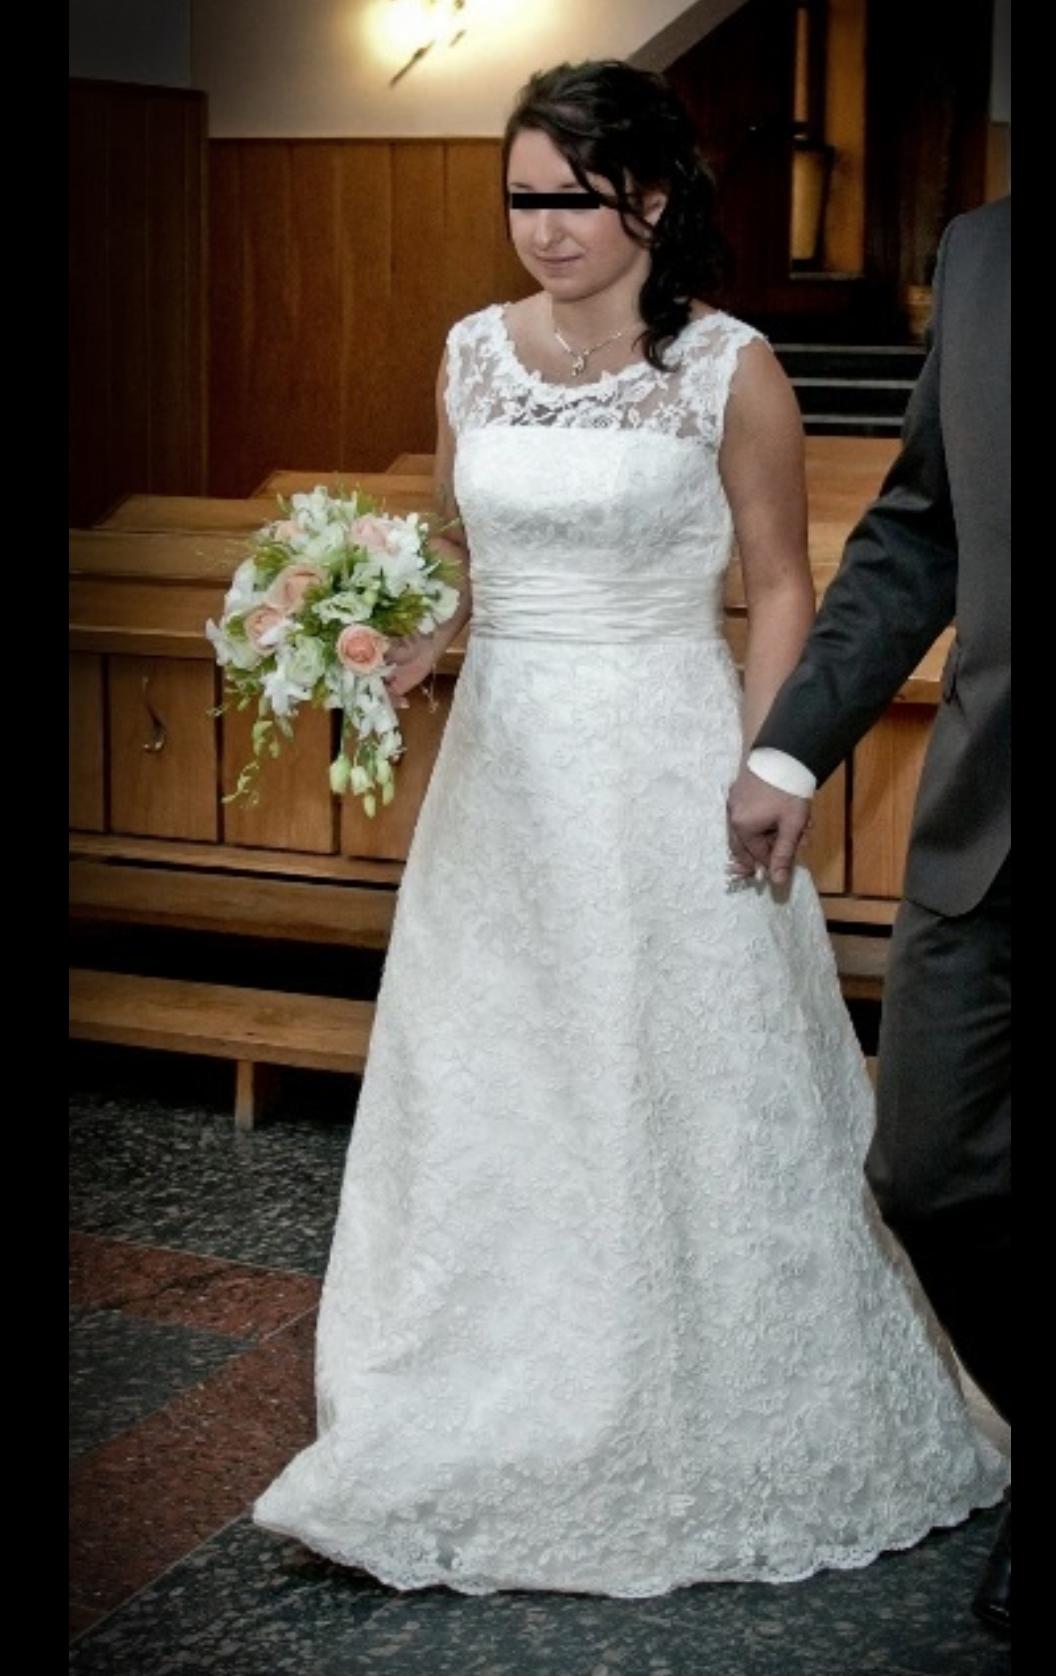 585d595c85 Suknia ślubna Koronkowa Suknia Ślubna 40 42 kolor  śmietanka rozmiar  40 42